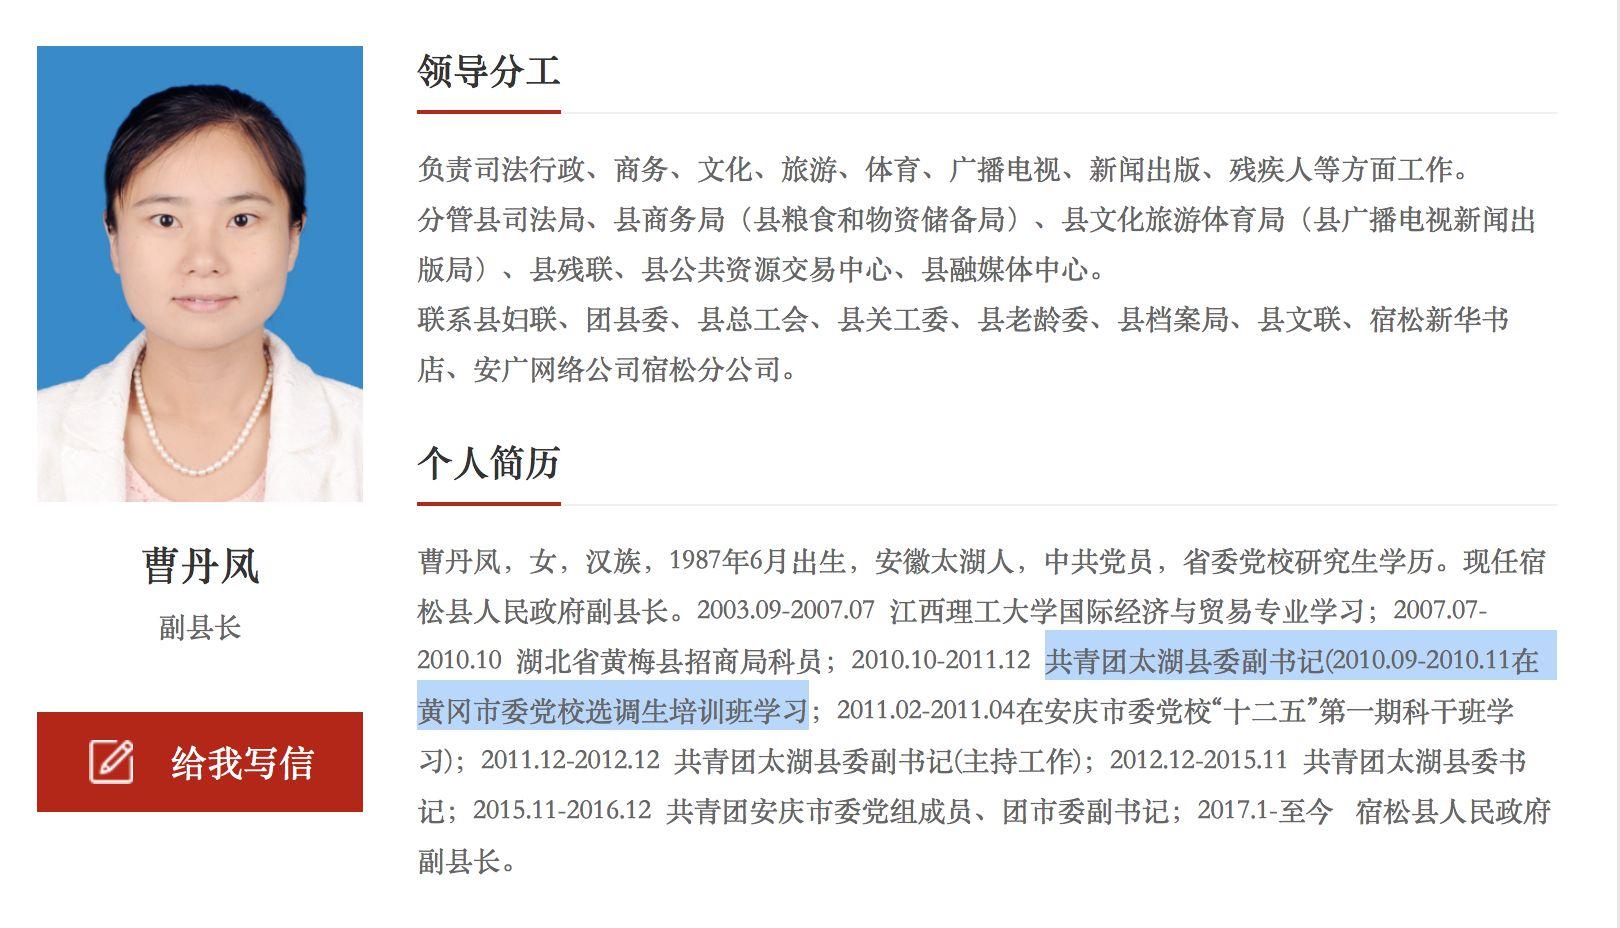 中国新闻网客户端安徽一副县长跨三省学习工作引关注 官方:正核实